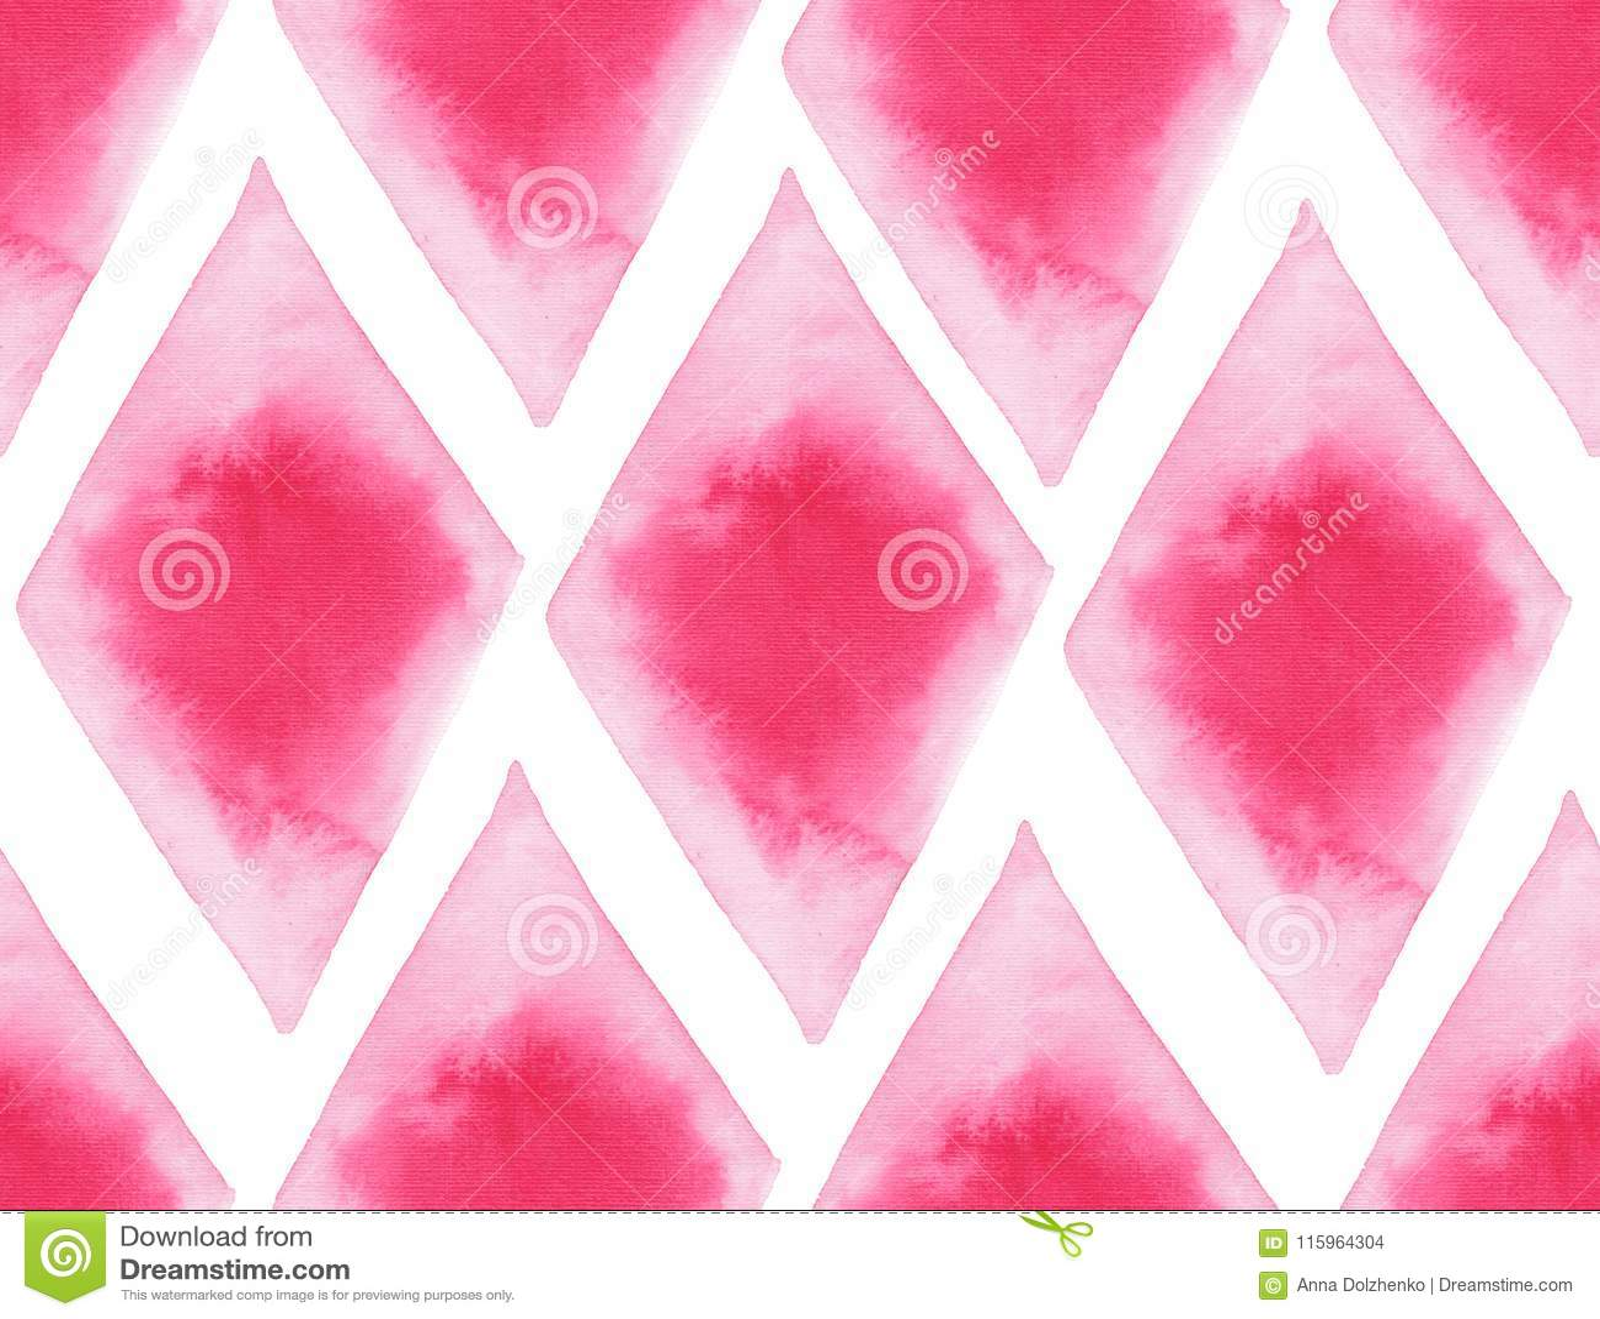 抽象美好的艺术性的嫩美妙的透明明亮的红色桃红色不同的形状仿造水彩手例证